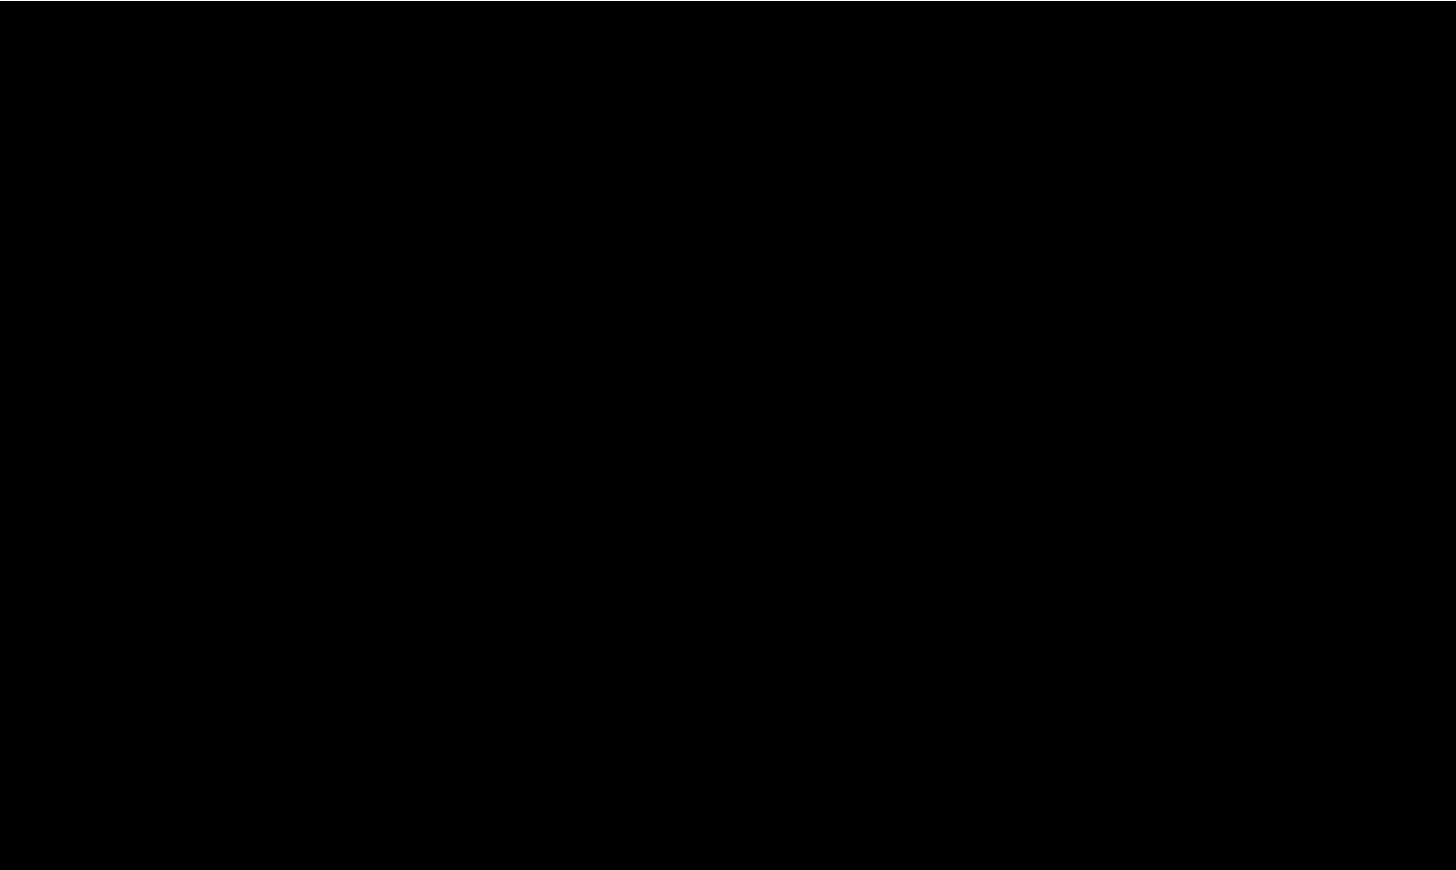 SILVANER - 2018 - TrockenFeinfruchtig und vollmundig macht unser Silvaner den wohlverdienten Feierabend erst richtig perfekt. Zurücklehnen und die abendliche Käseplatte wunderbar abrunden. Insbesondere im Sommer schön kalt oder sogar auf Eis: Granate!